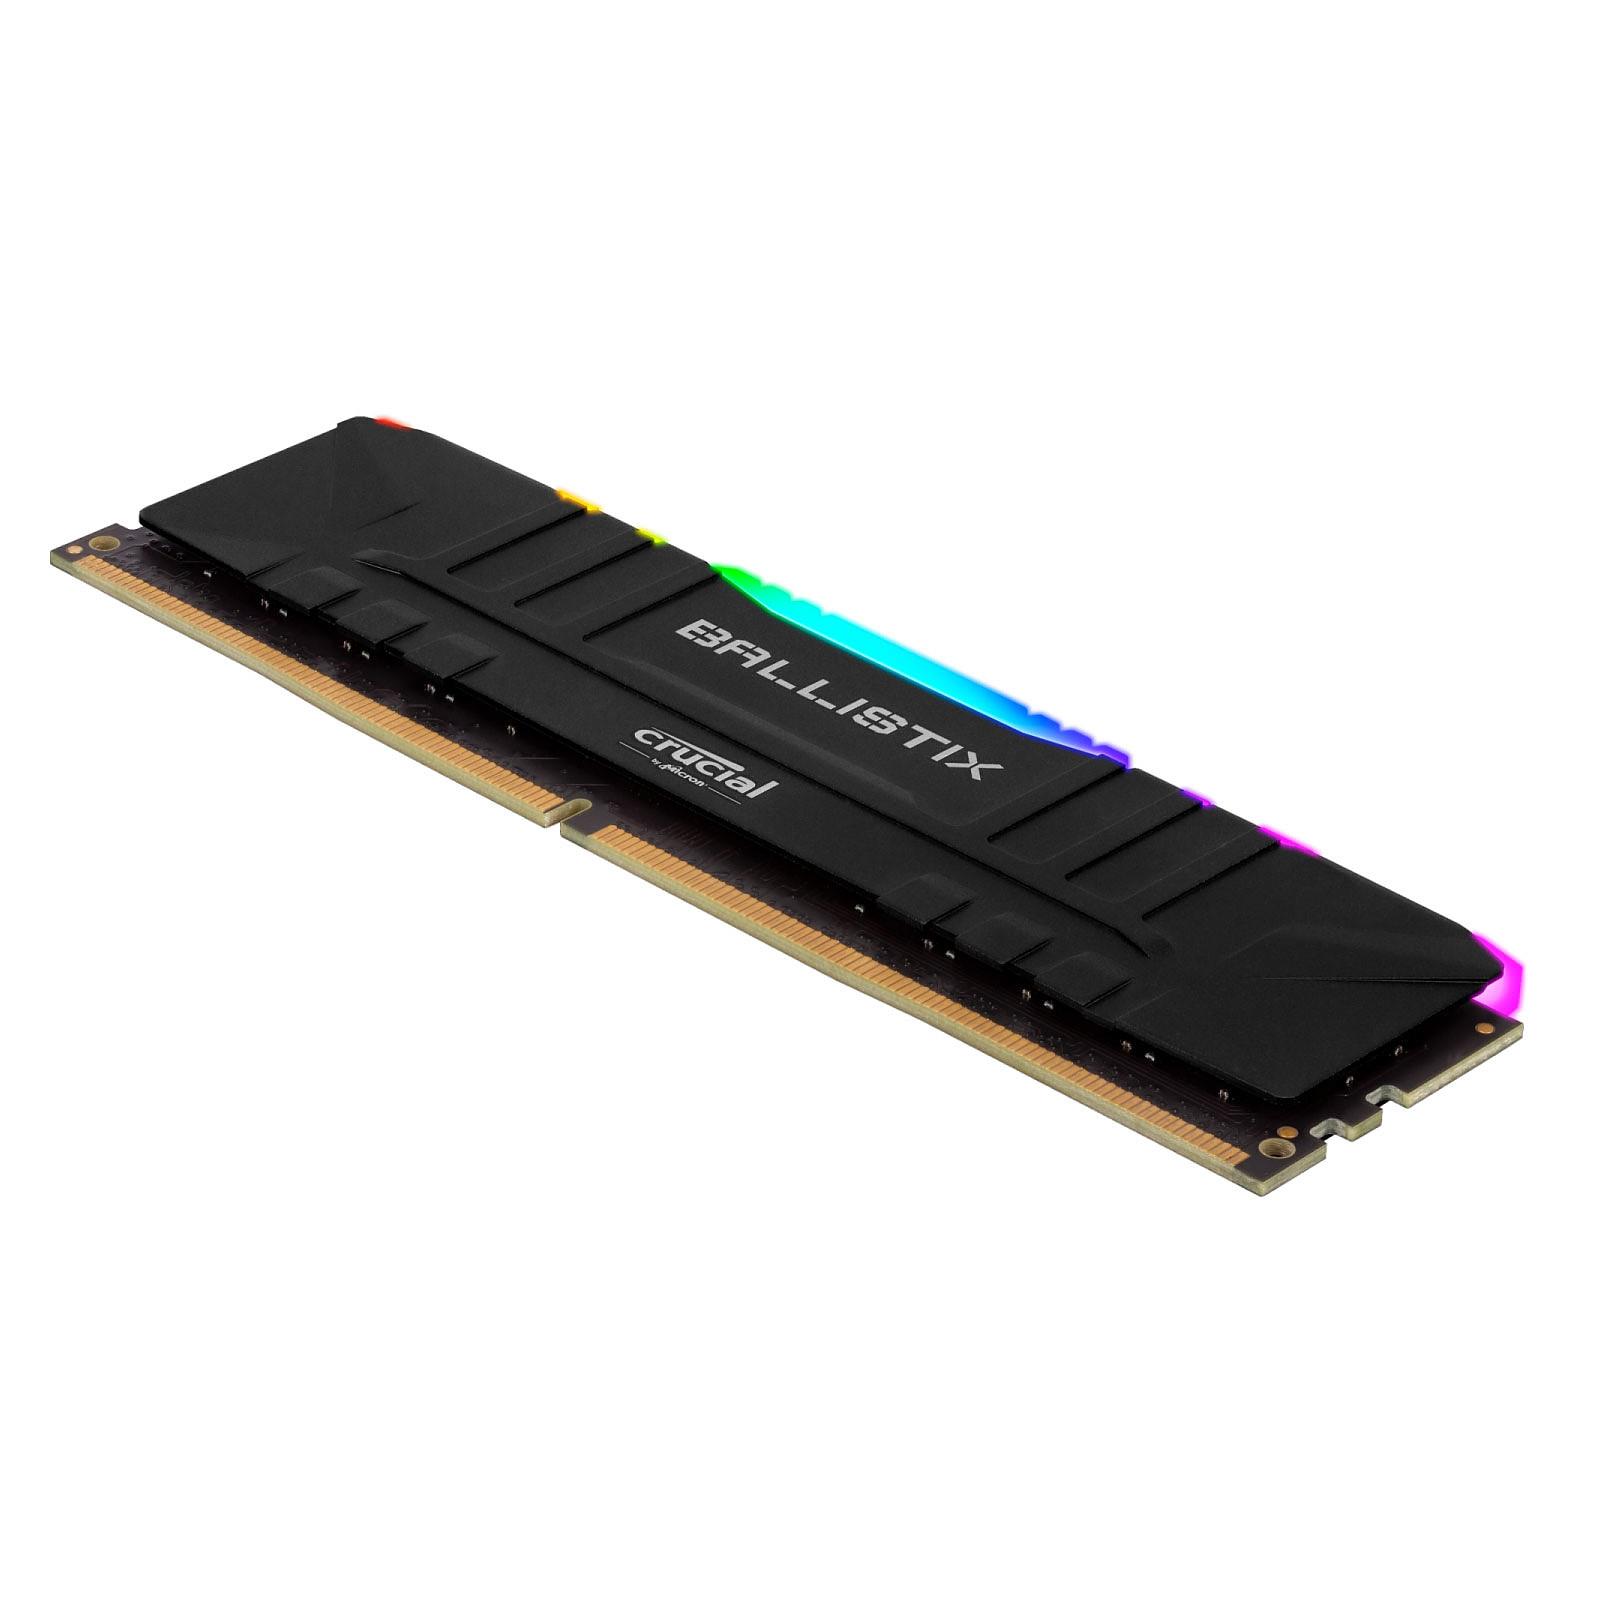 Mémoire Crucial Ballistix Sport Noir RGB 2x 8 Go DDR4 3600 MHz CL16, informatique ile de la Réunion 974